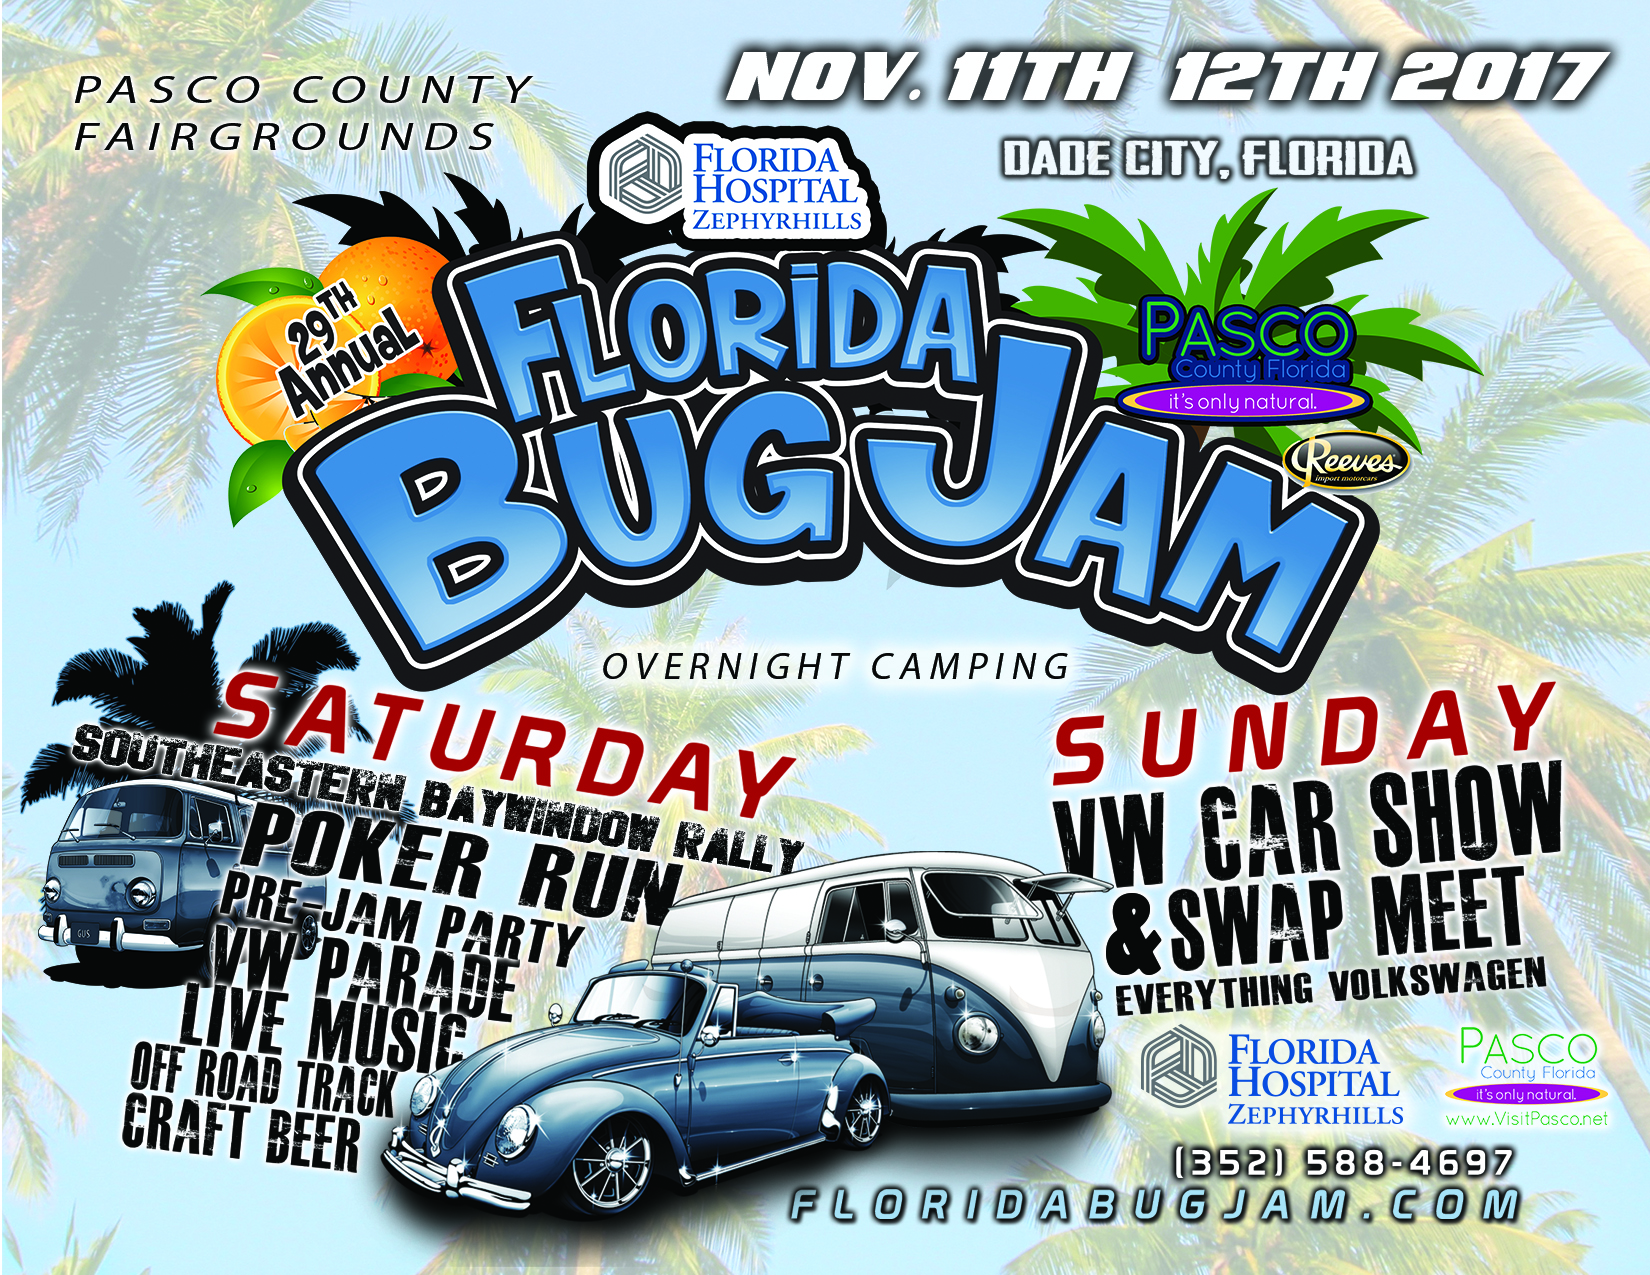 Bug Jam FloridaBugJamcom - Dade city fl car show